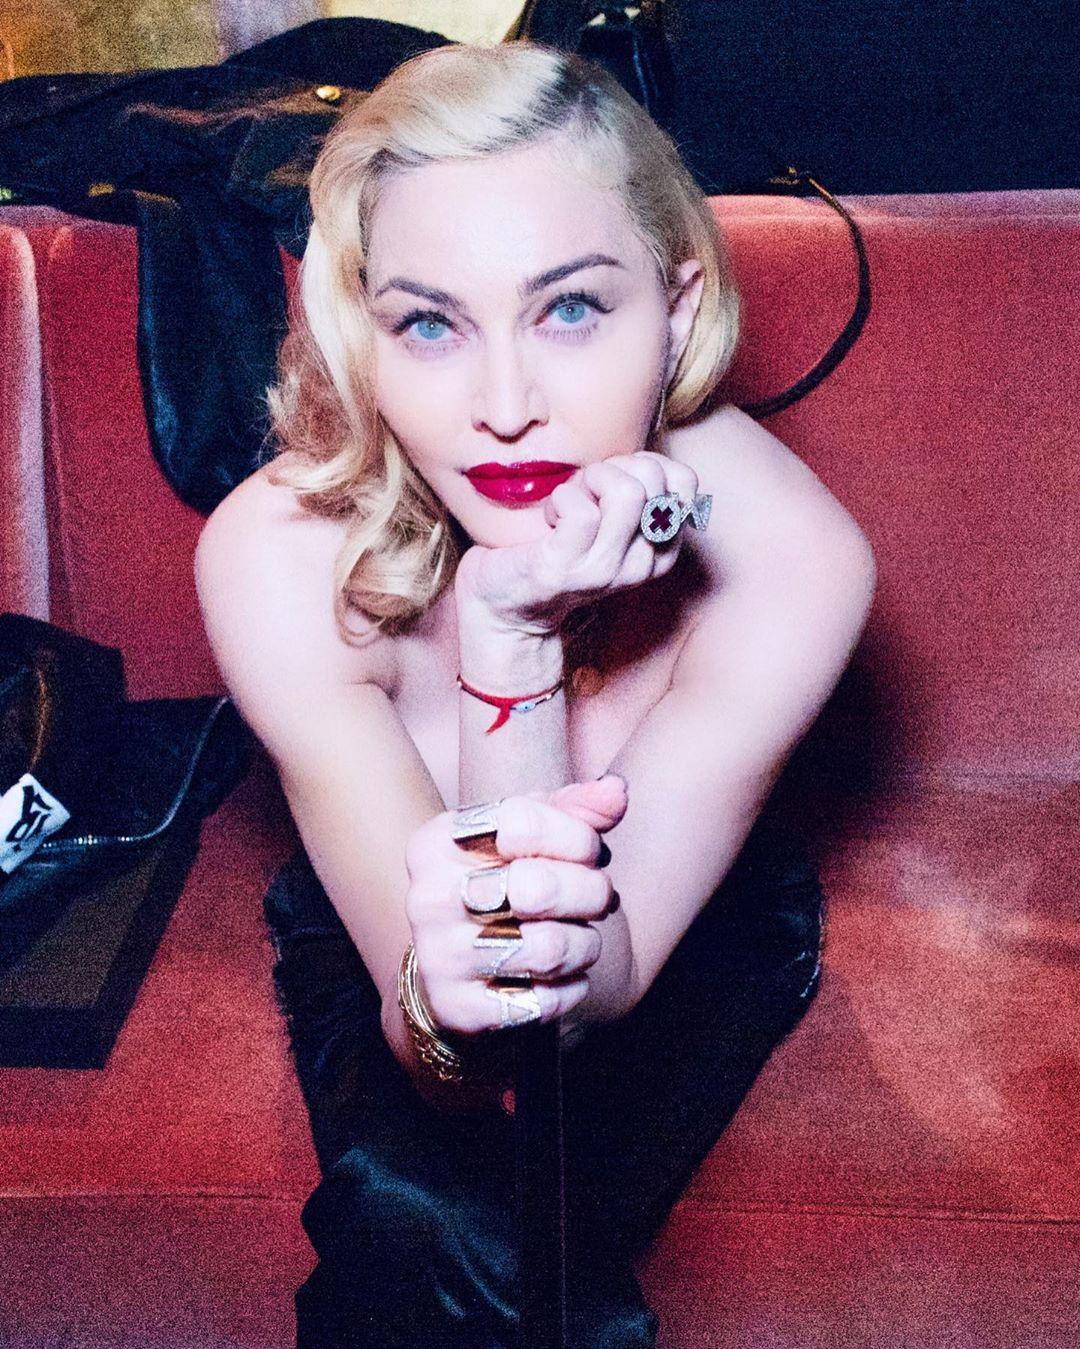 Мадонна передала миллион долларов на разработку вакцины от коронавируса